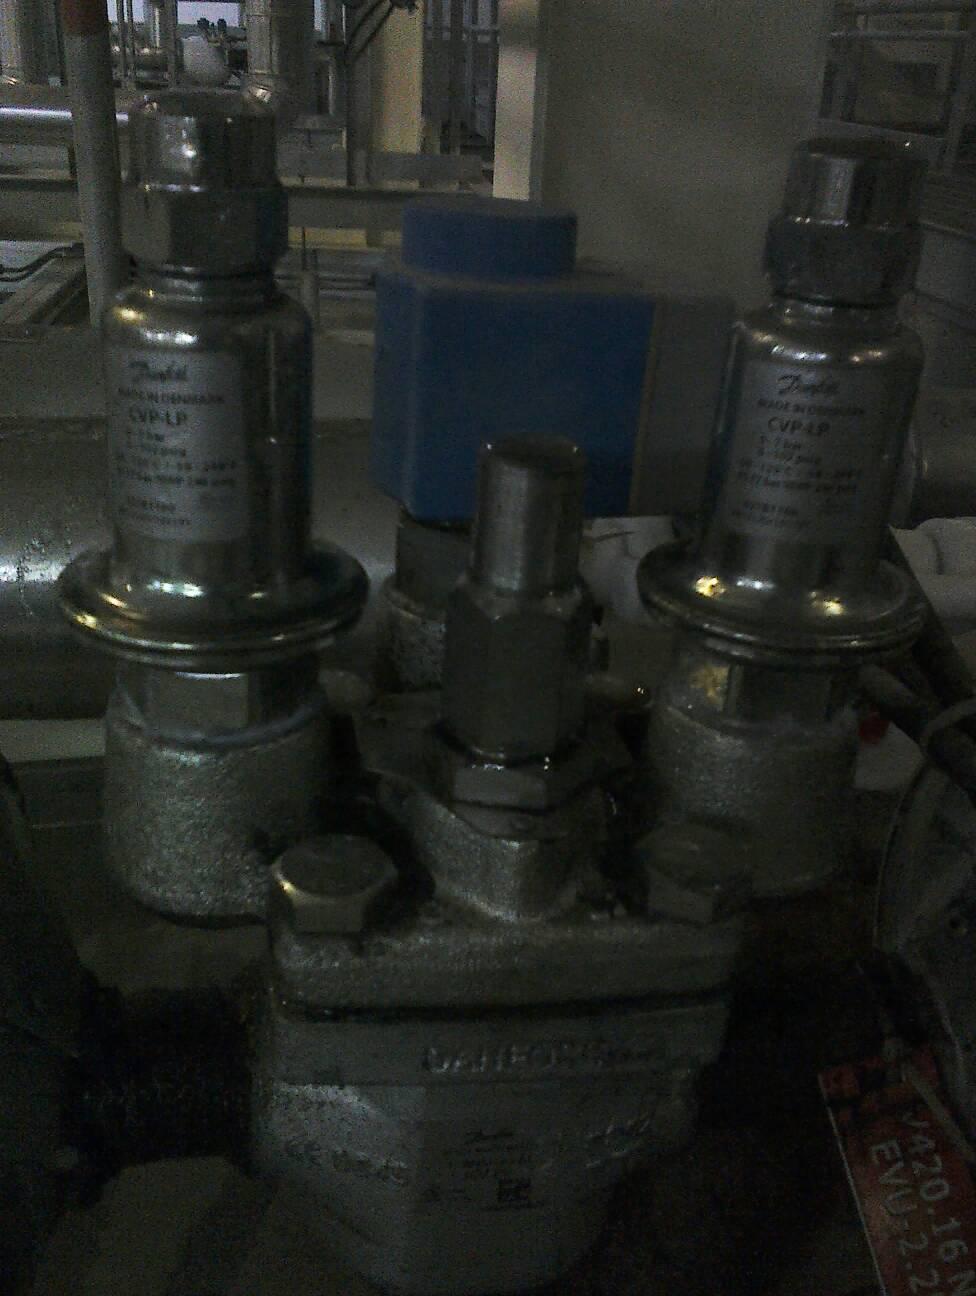 电磁阀有一个线圈有cvp-lp和cvp-hp标识和有两个线圈图片